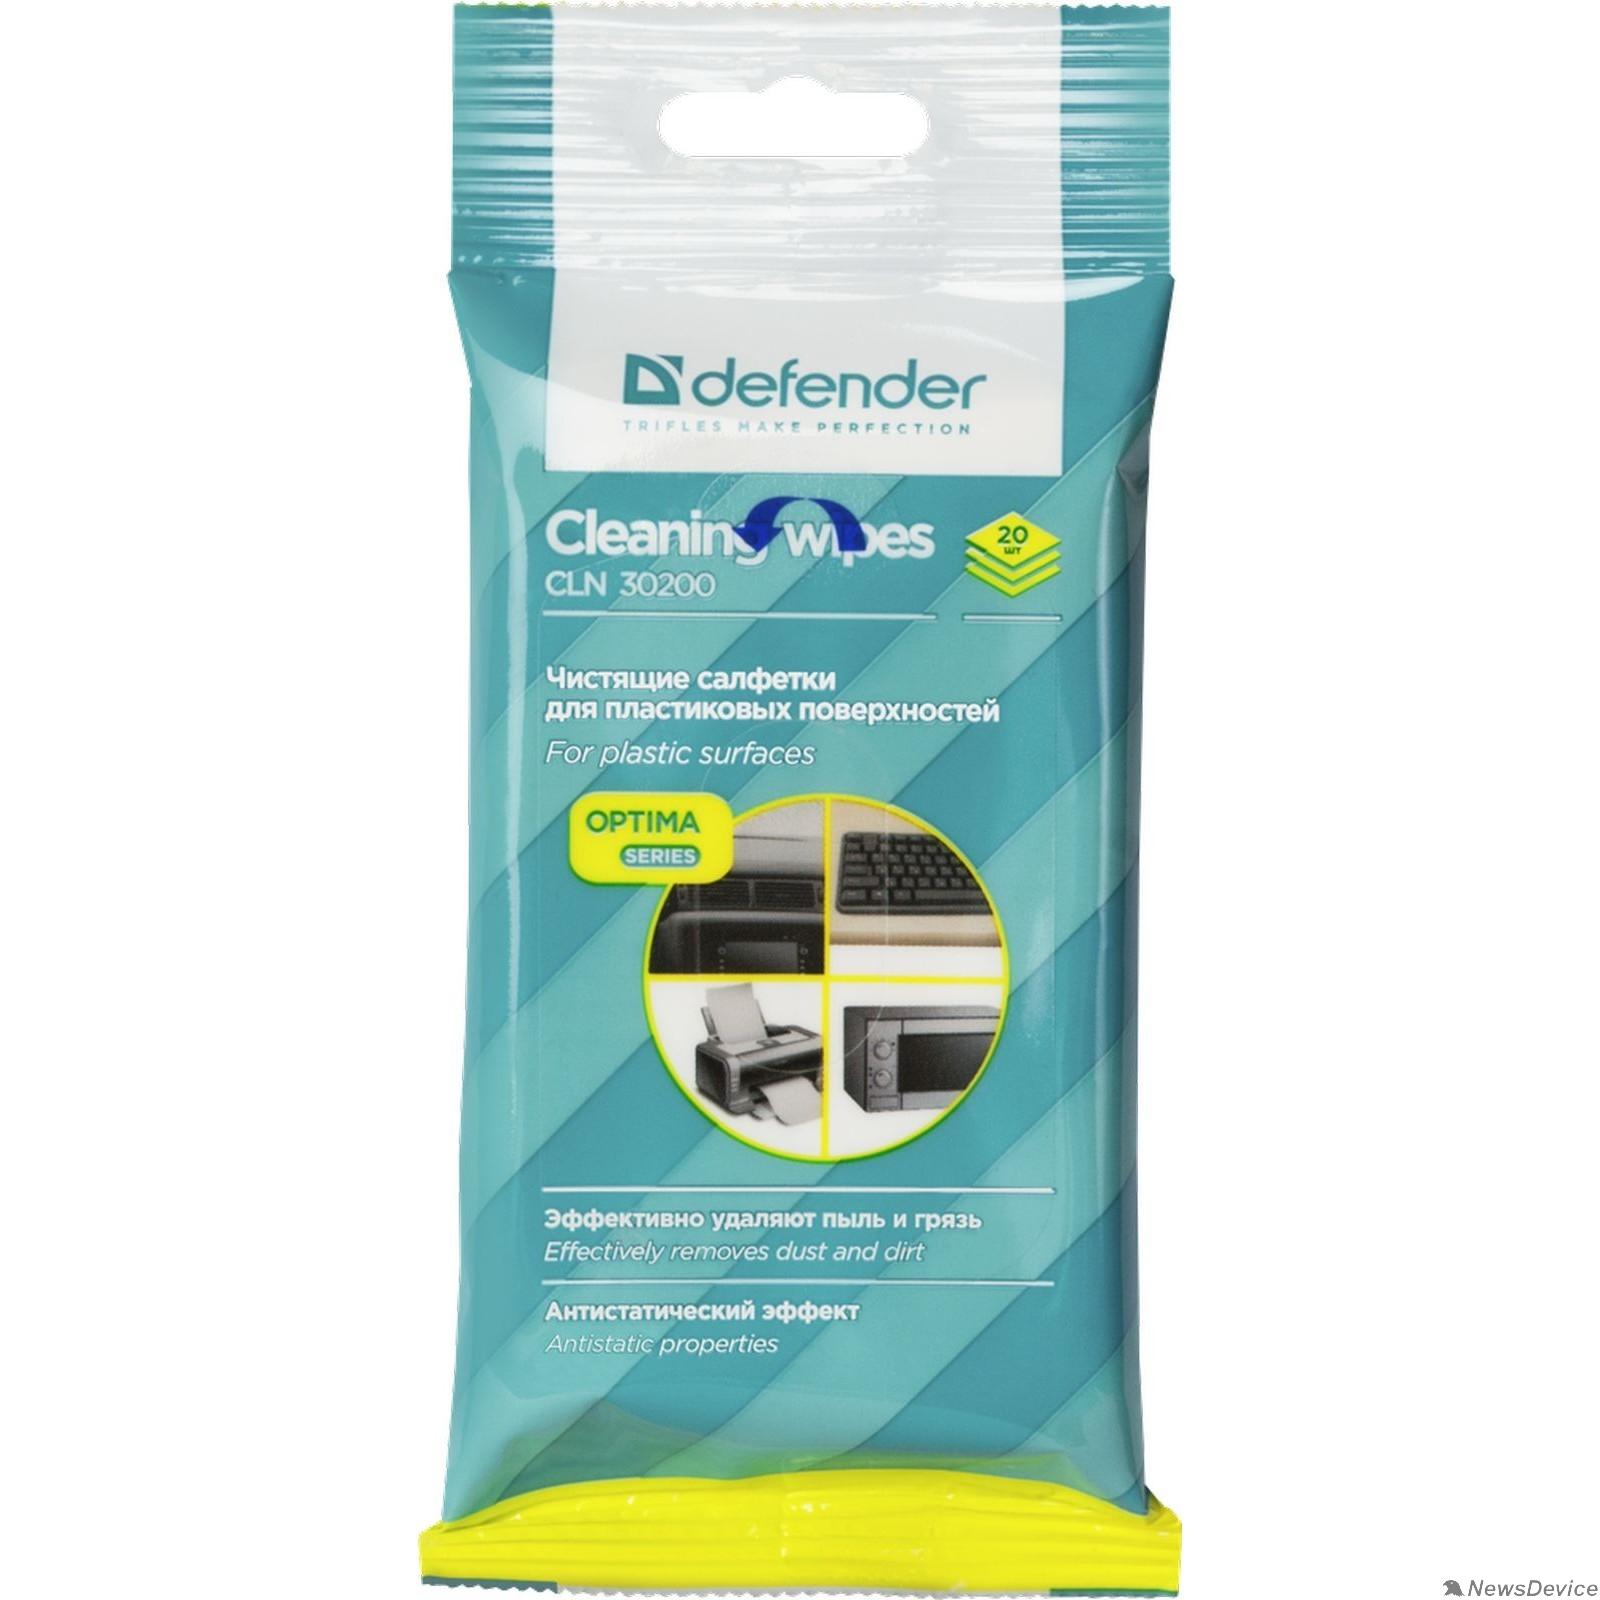 Чистящие средства  DEFENDER Салфетки CLN 30200 универсальные в мягкой упаковке, 20шт.